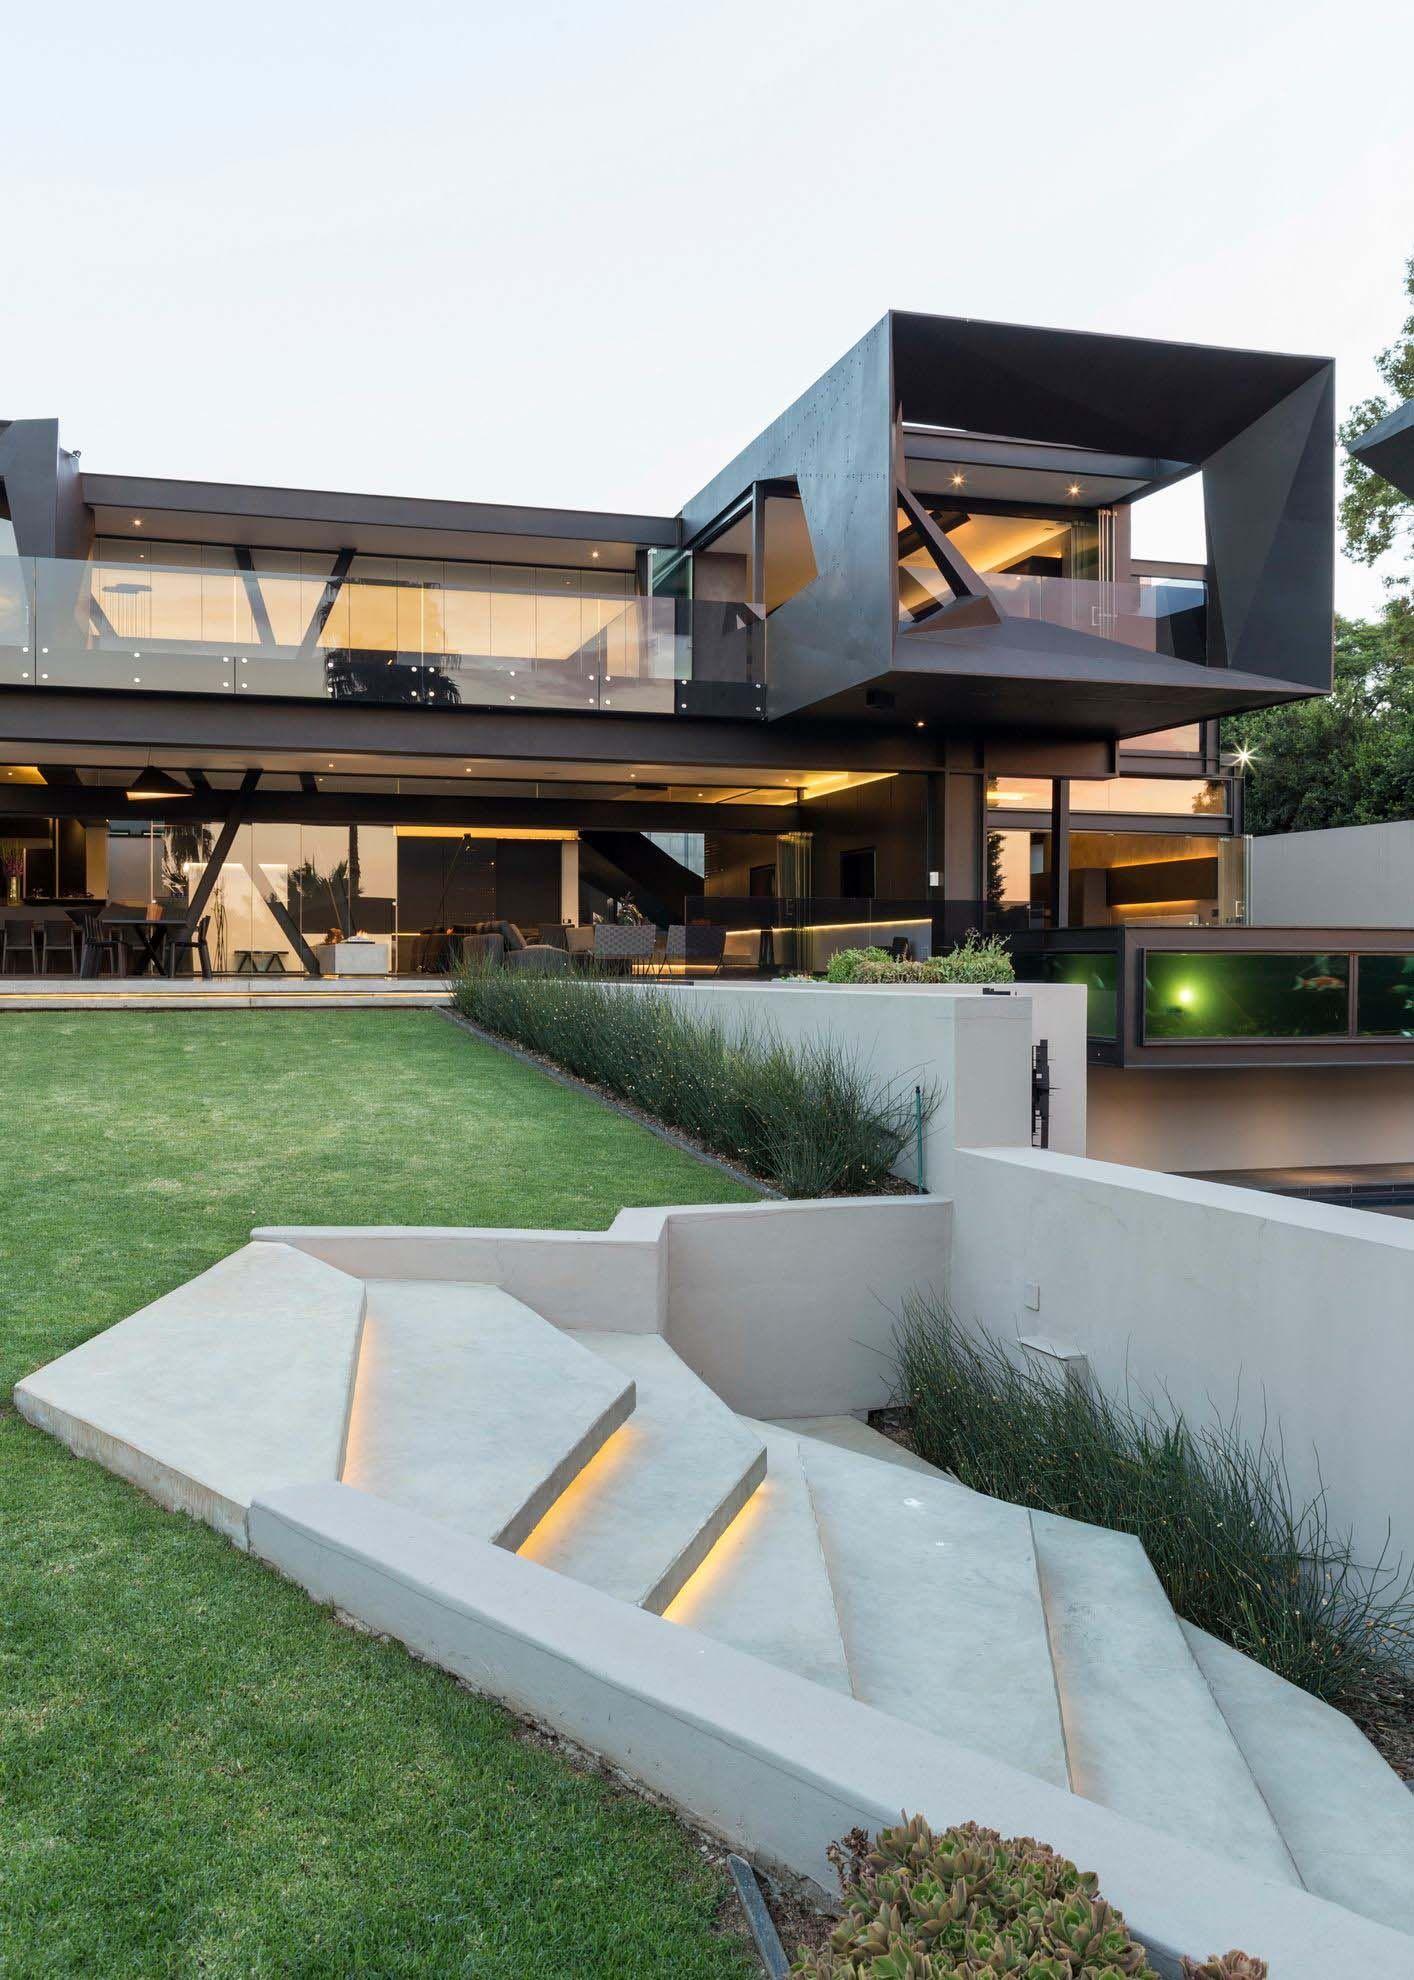 Imposante Beton-, Glas- und Stahlresidenz in Südafrika #casa